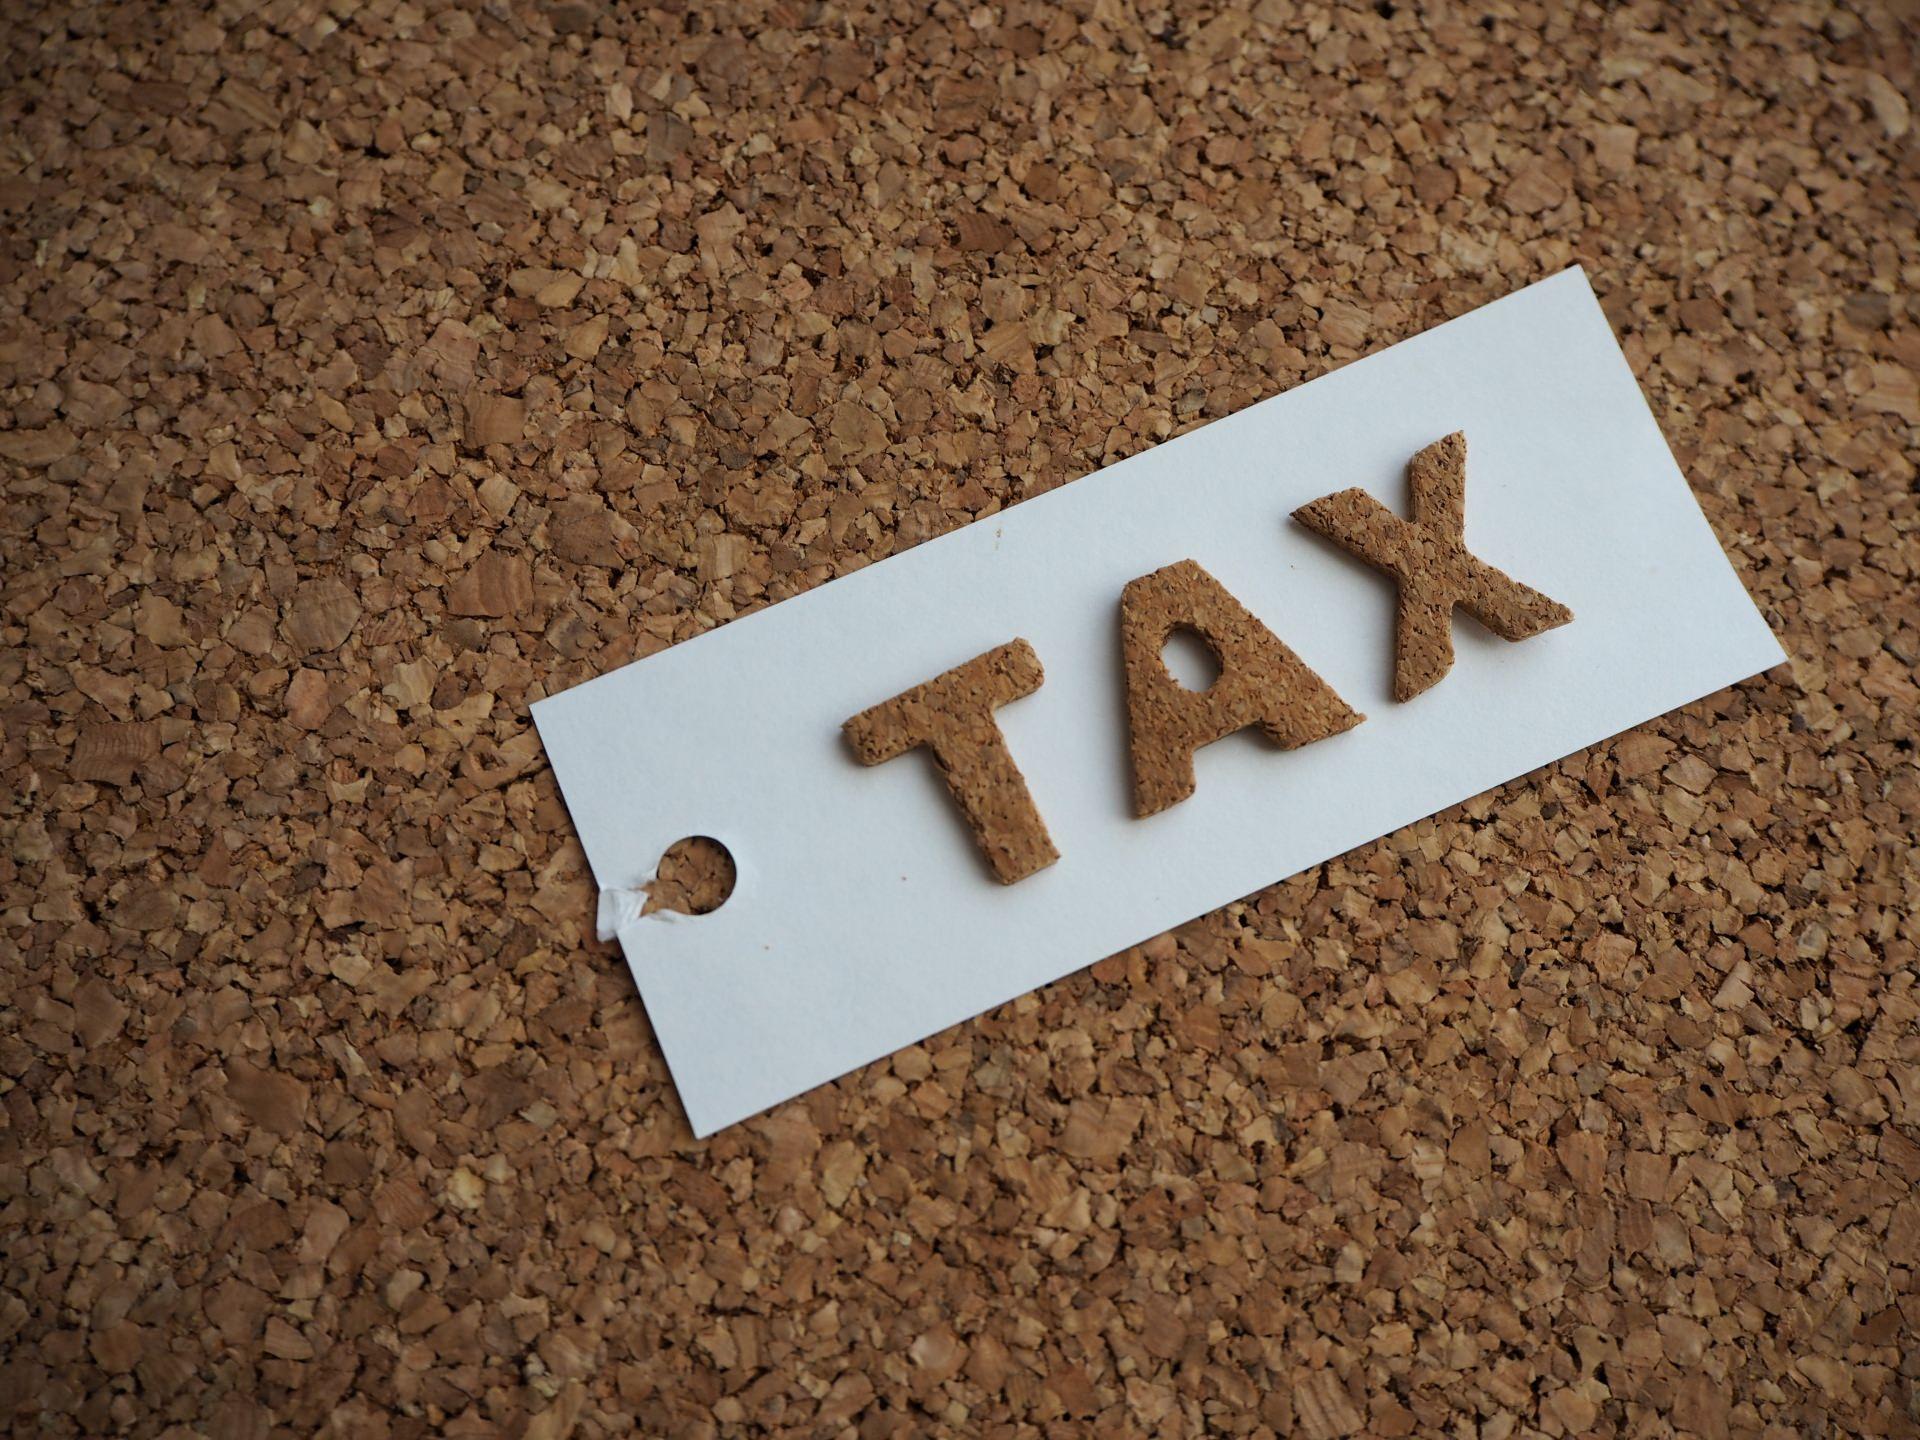 財産分与と譲渡所得課税